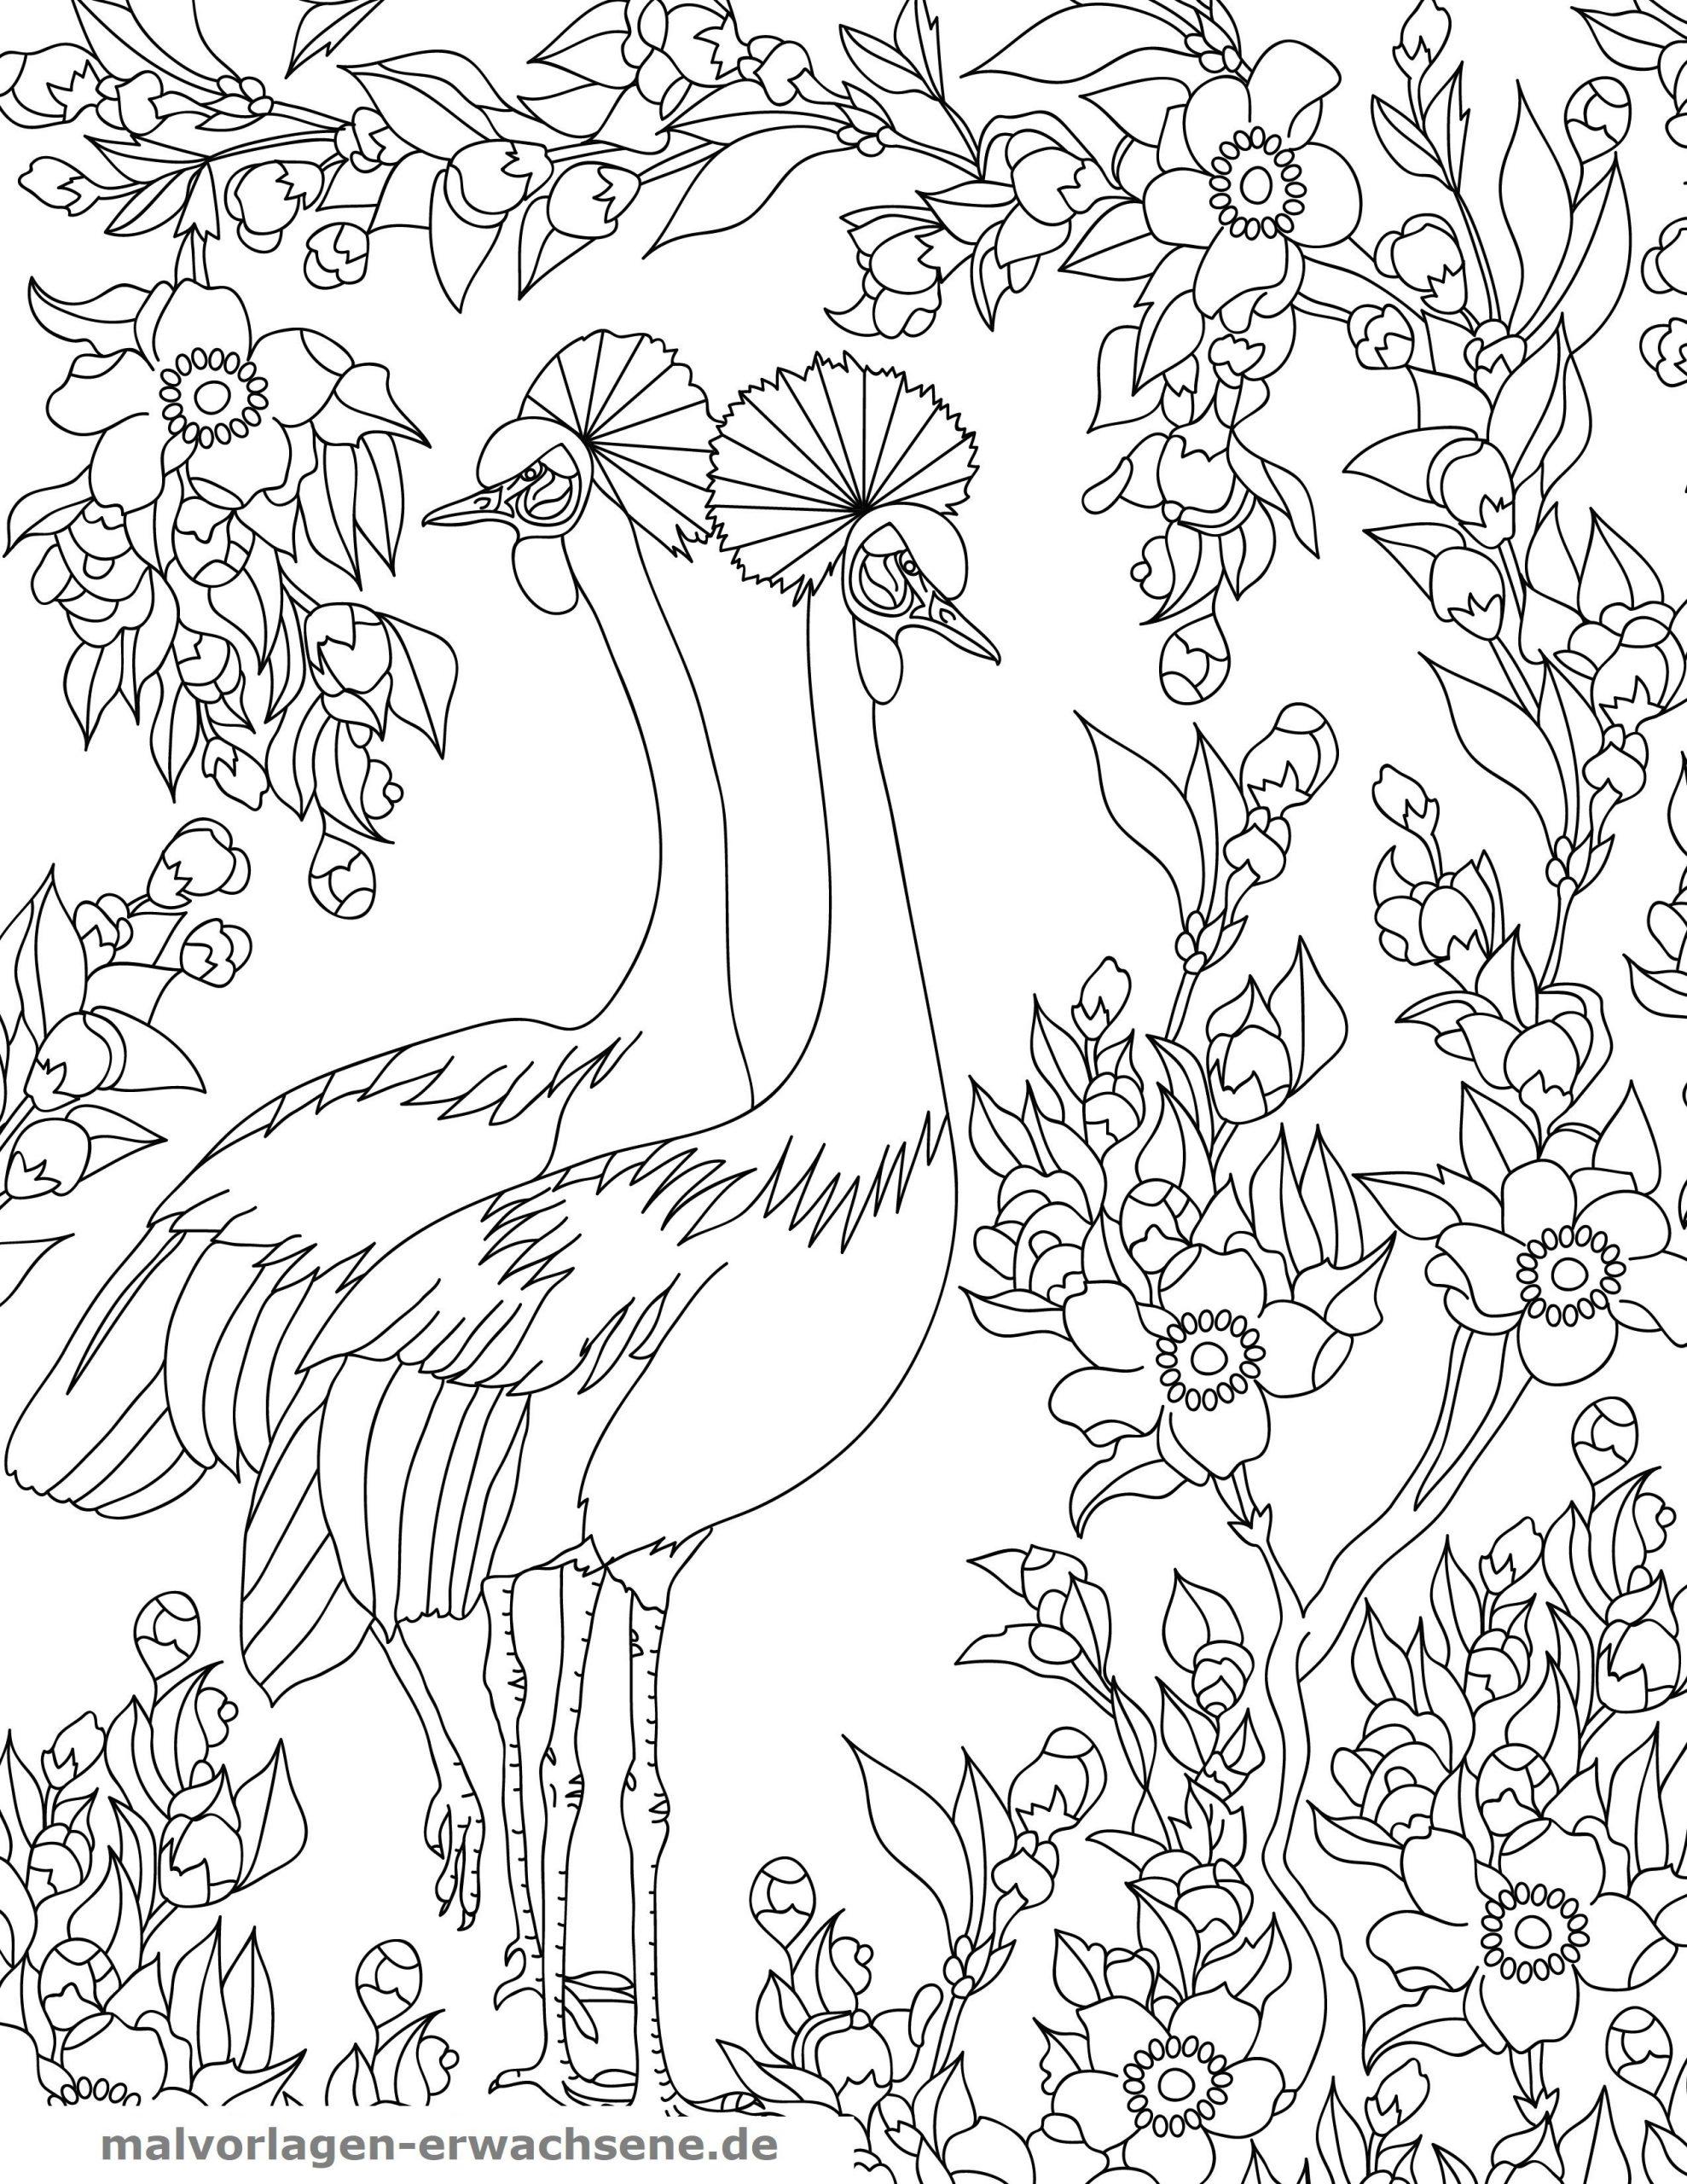 Malvorlagen Vögel Am Vogelhaus | Coloring And Malvorlagan über Fehlersuchbilder Zum Ausdrucken Gratis